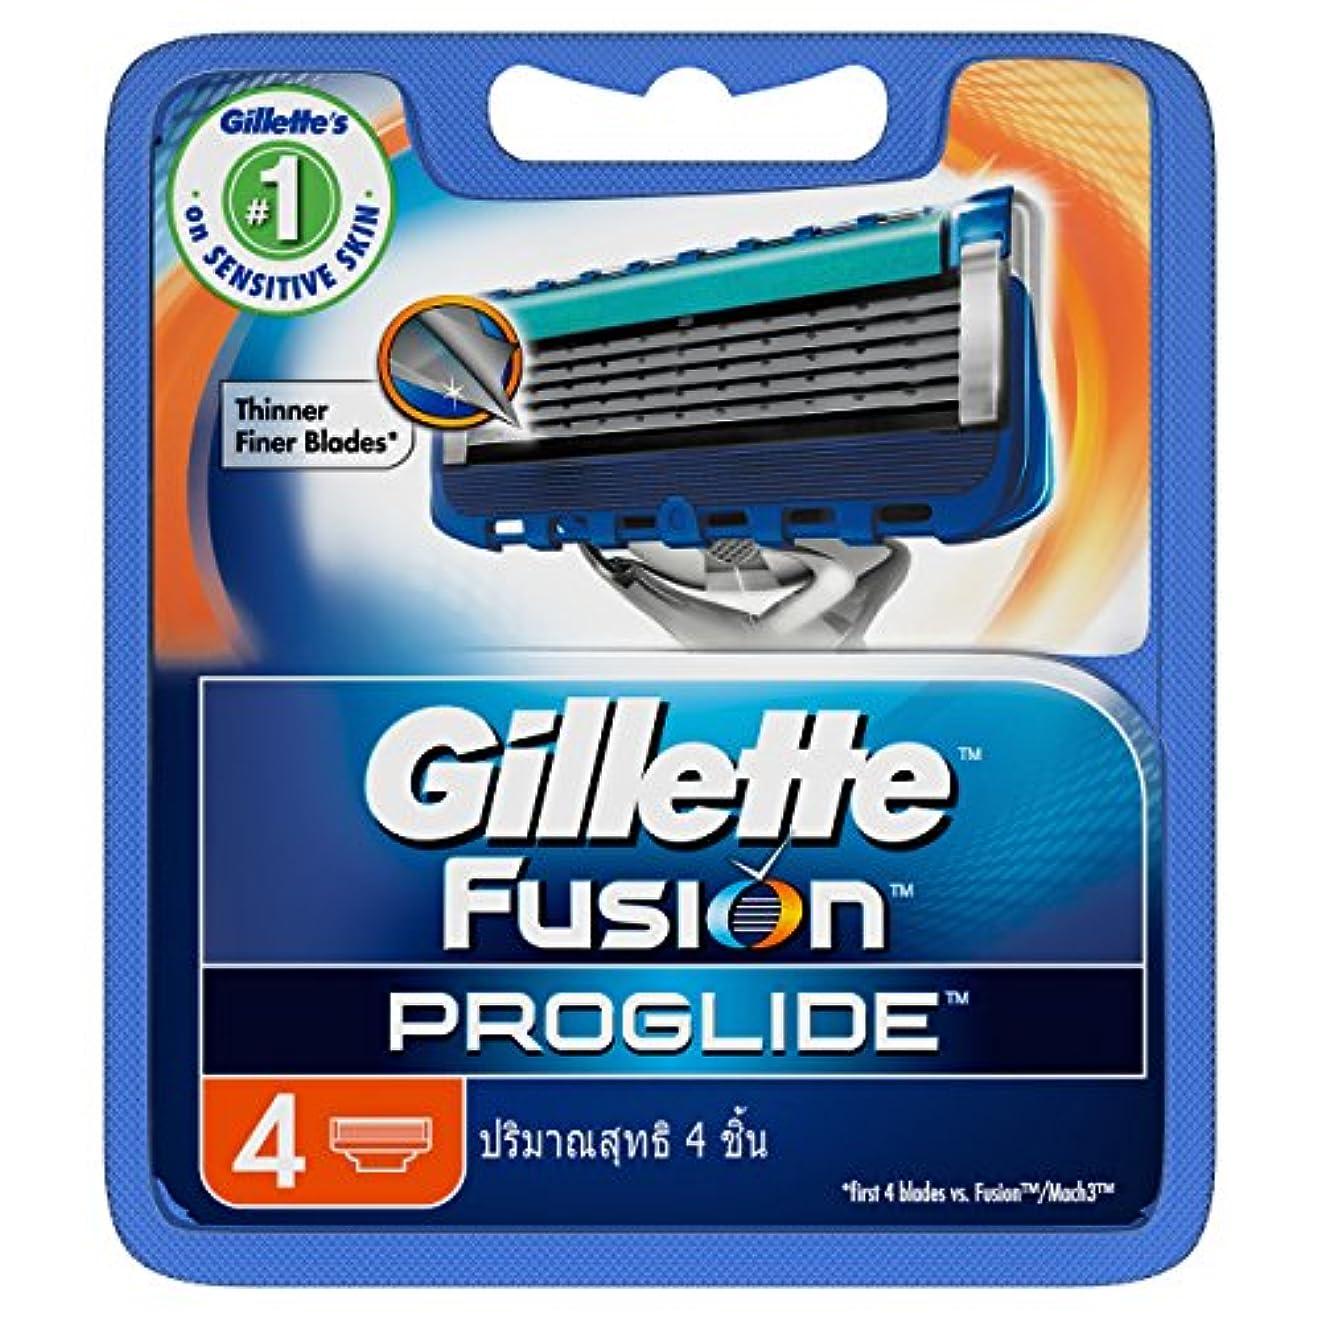 診断する影響を受けやすいです急速なGillette Fusion Proglide Shaving Cartridges 4